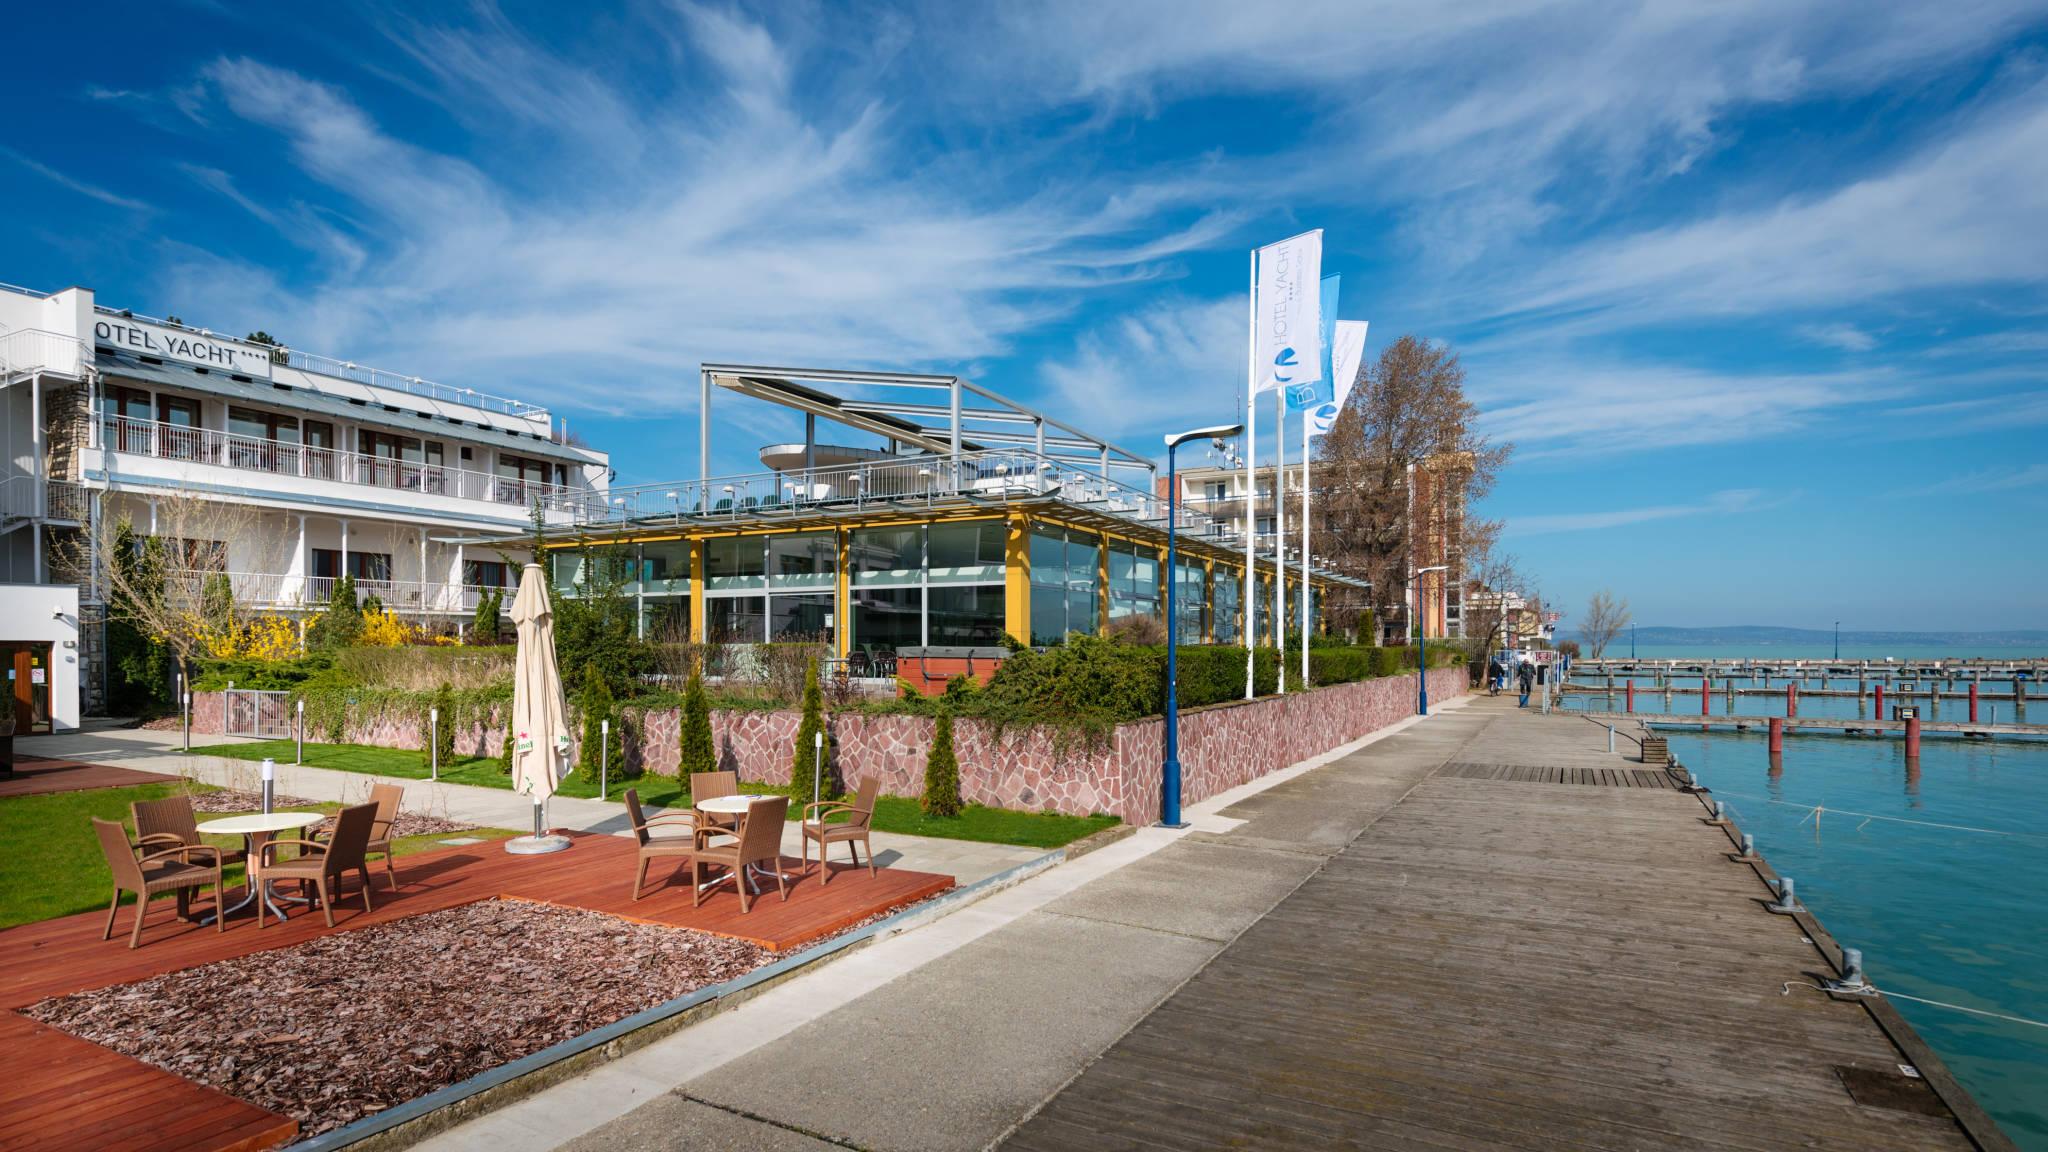 Hotel Yacht Wellness & Business Siófok - Hotel Yacht wellness részleg közvetlenül a Balaton-parton.